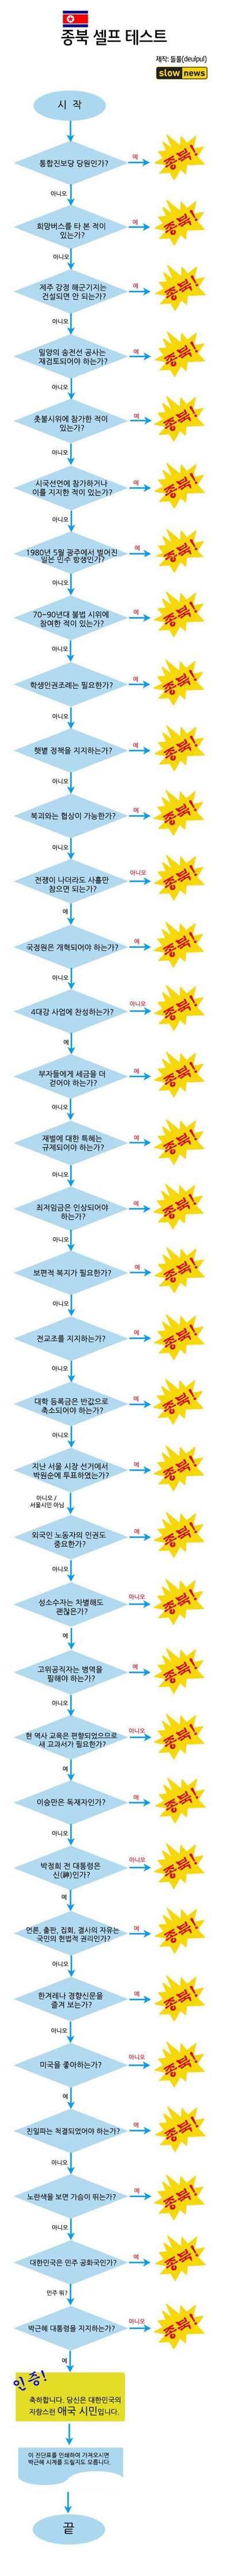 '나는 종북인가 아닌가' 셀프 감별기로 판별해보자… 페북지기 초이스 짤방 - 국민일보